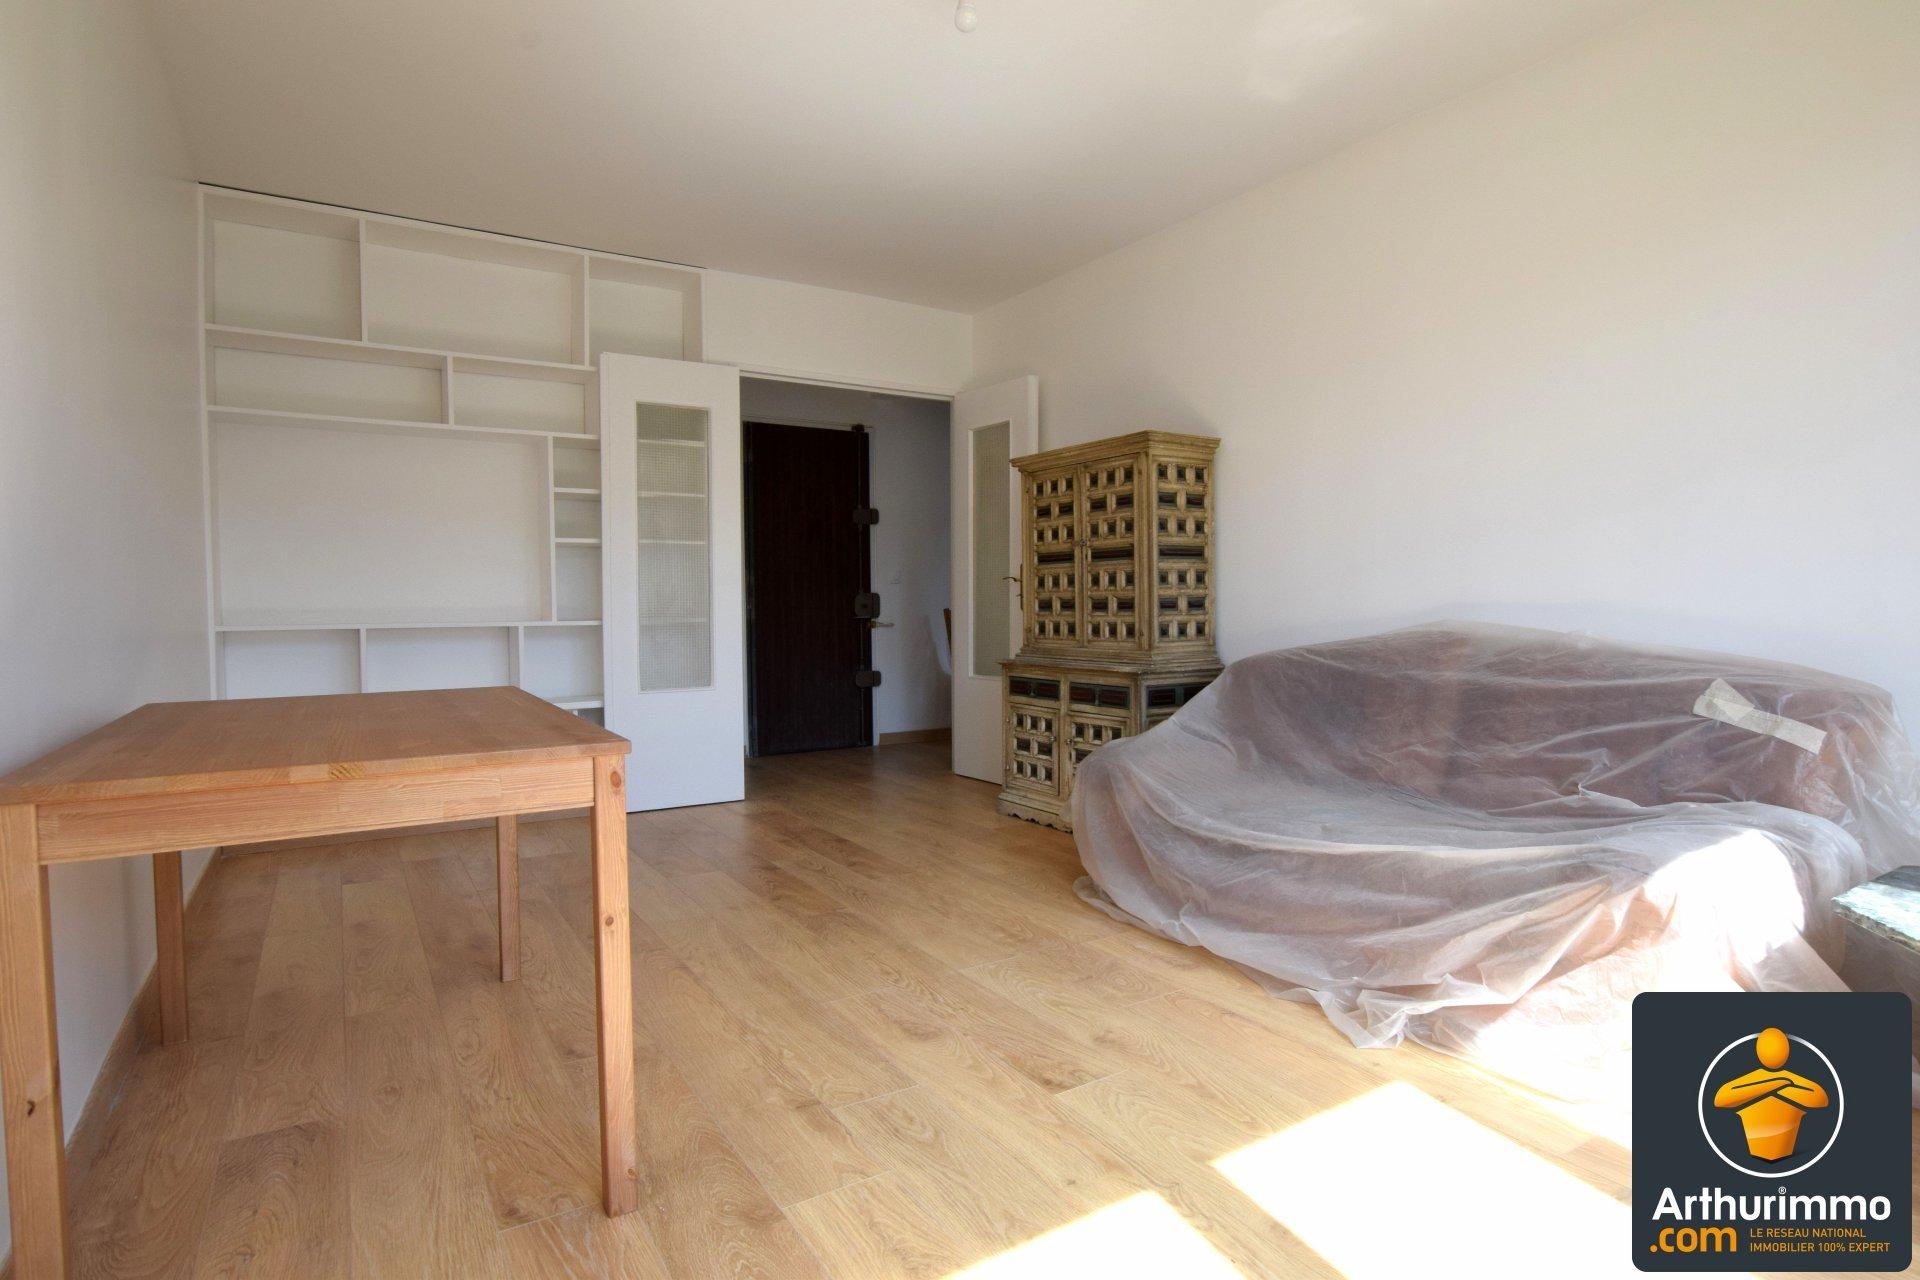 Appartement a louer puteaux - 2 pièce(s) - 43 m2 - Surfyn